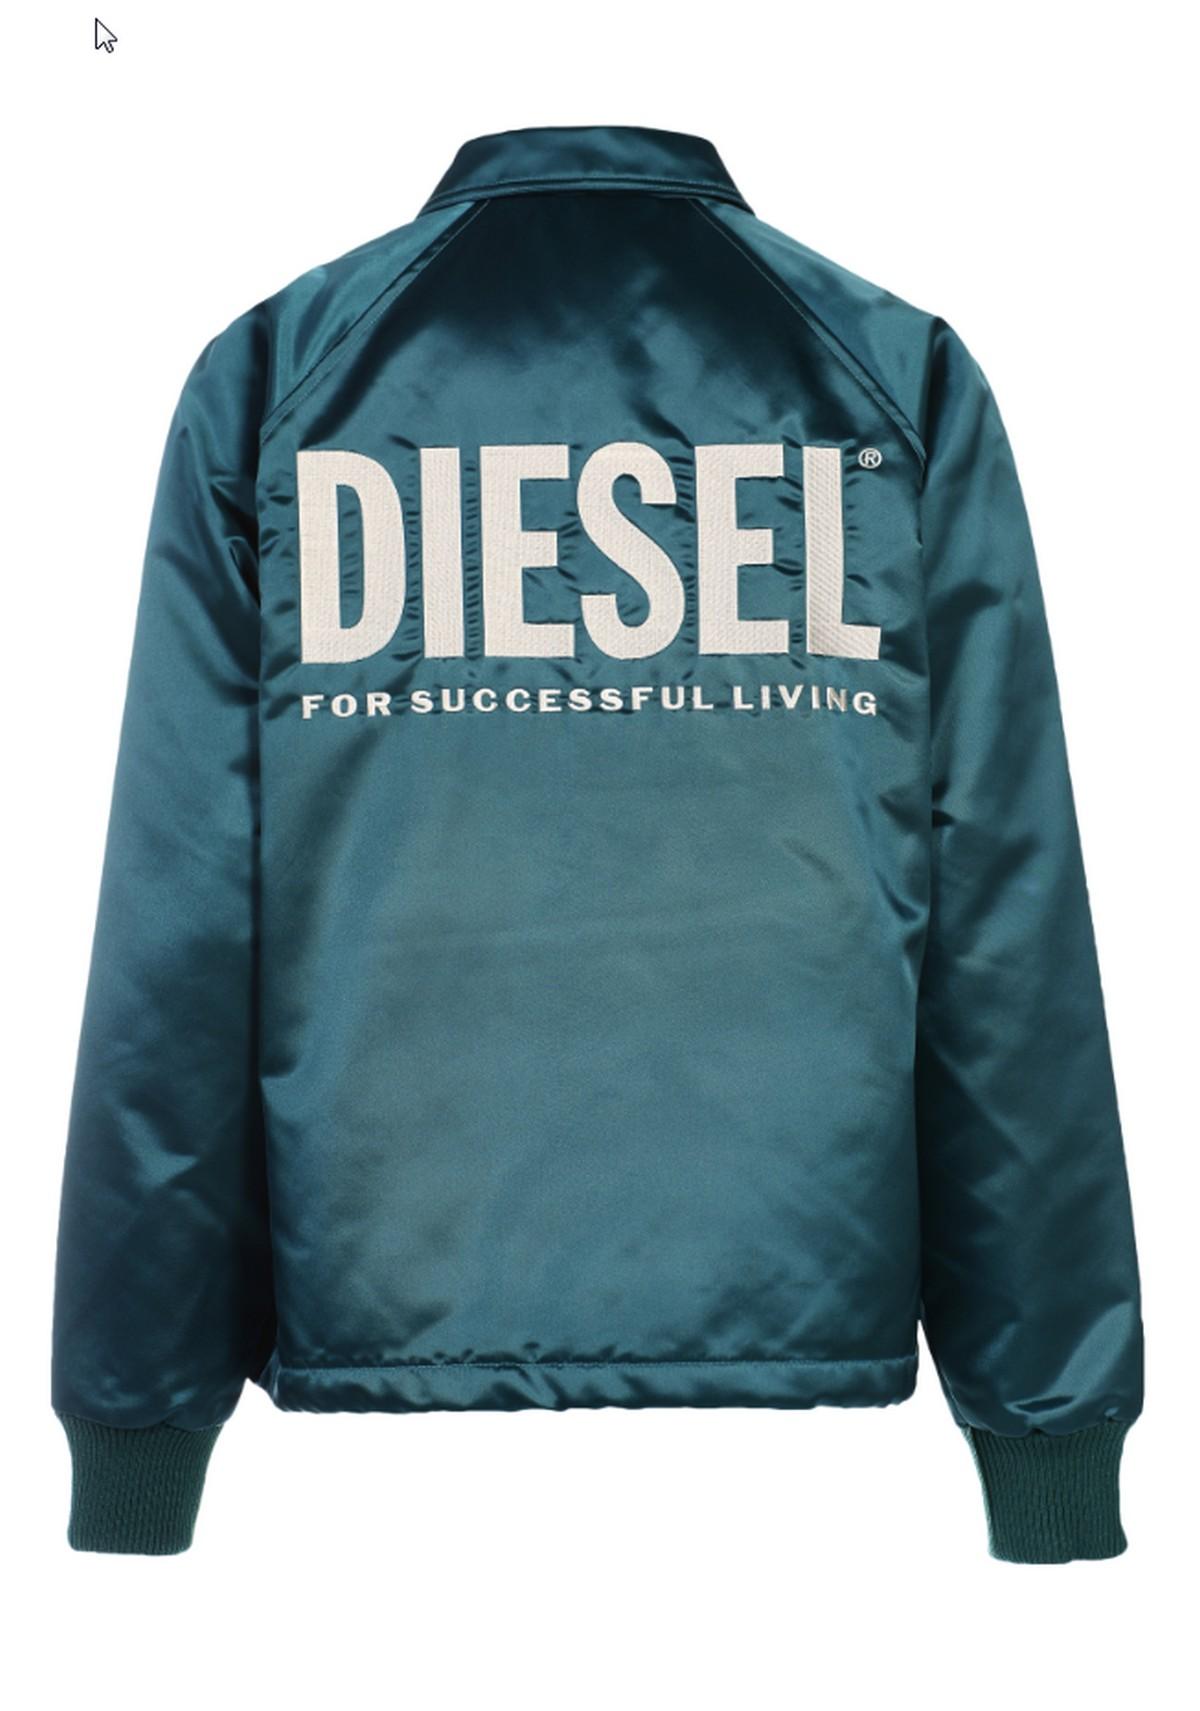 Diesel pre spring 2019